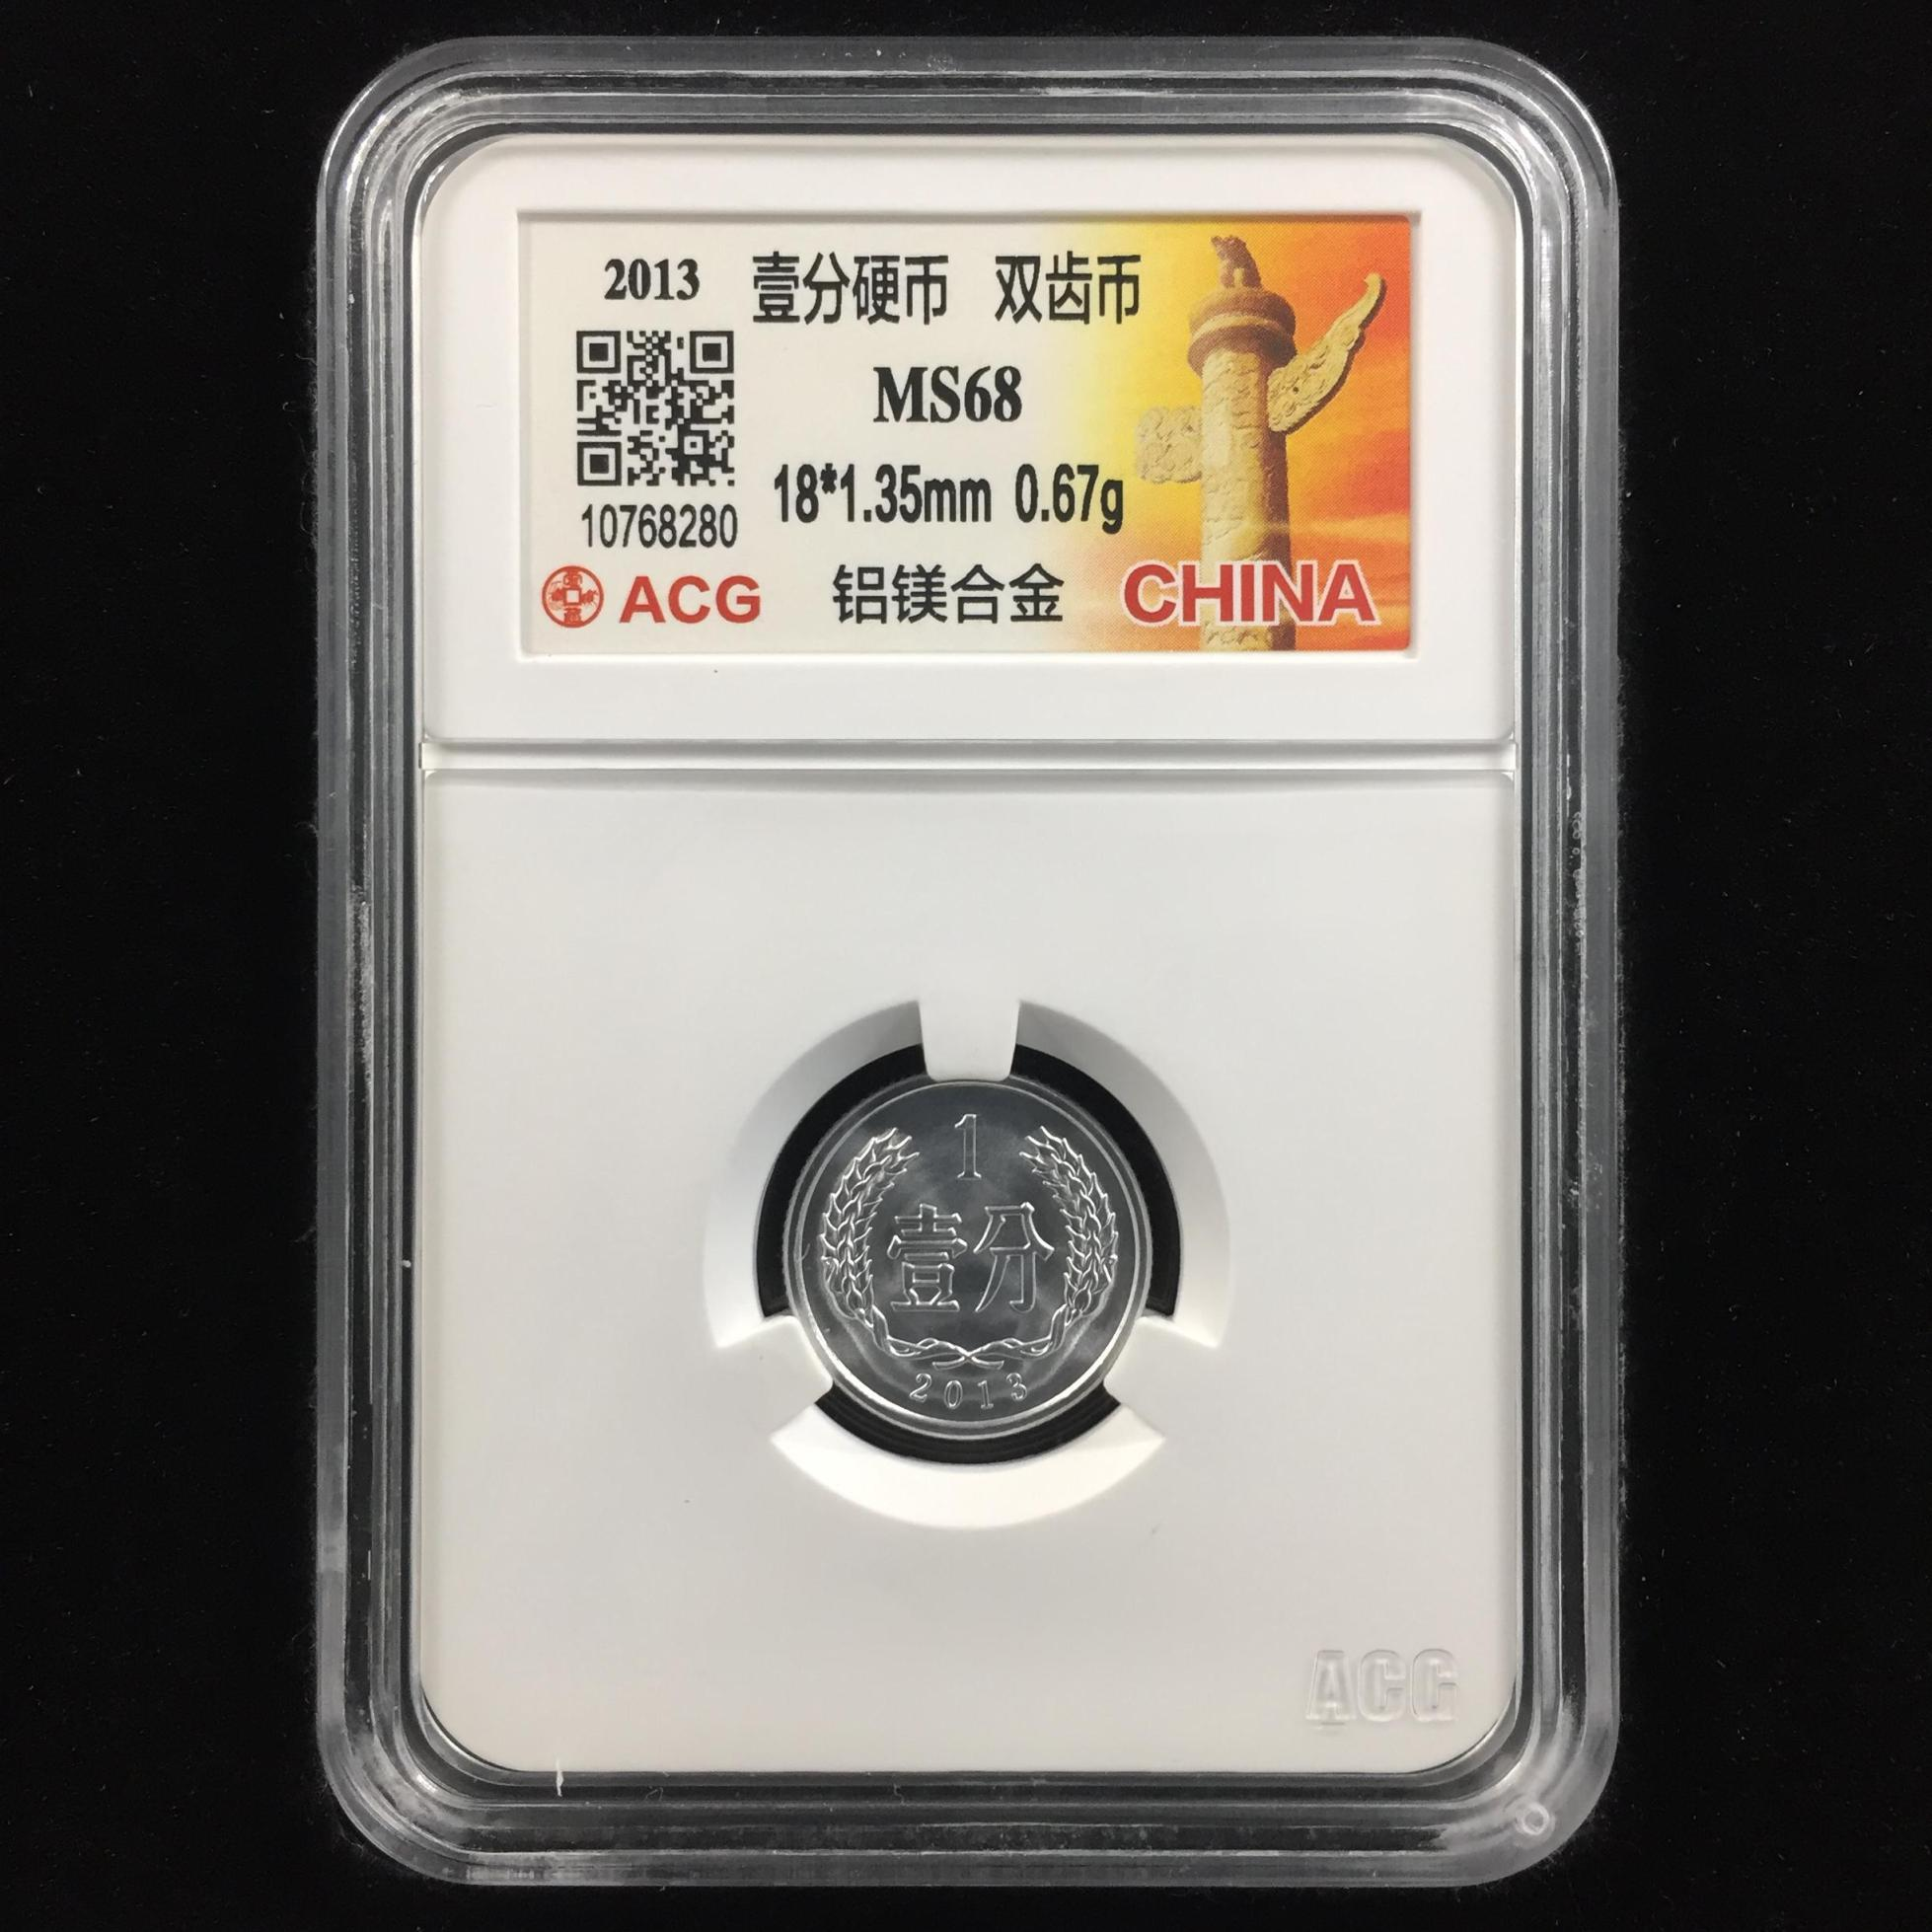 双齿币→2013年1分硬币→ACG鉴定证书-10768280